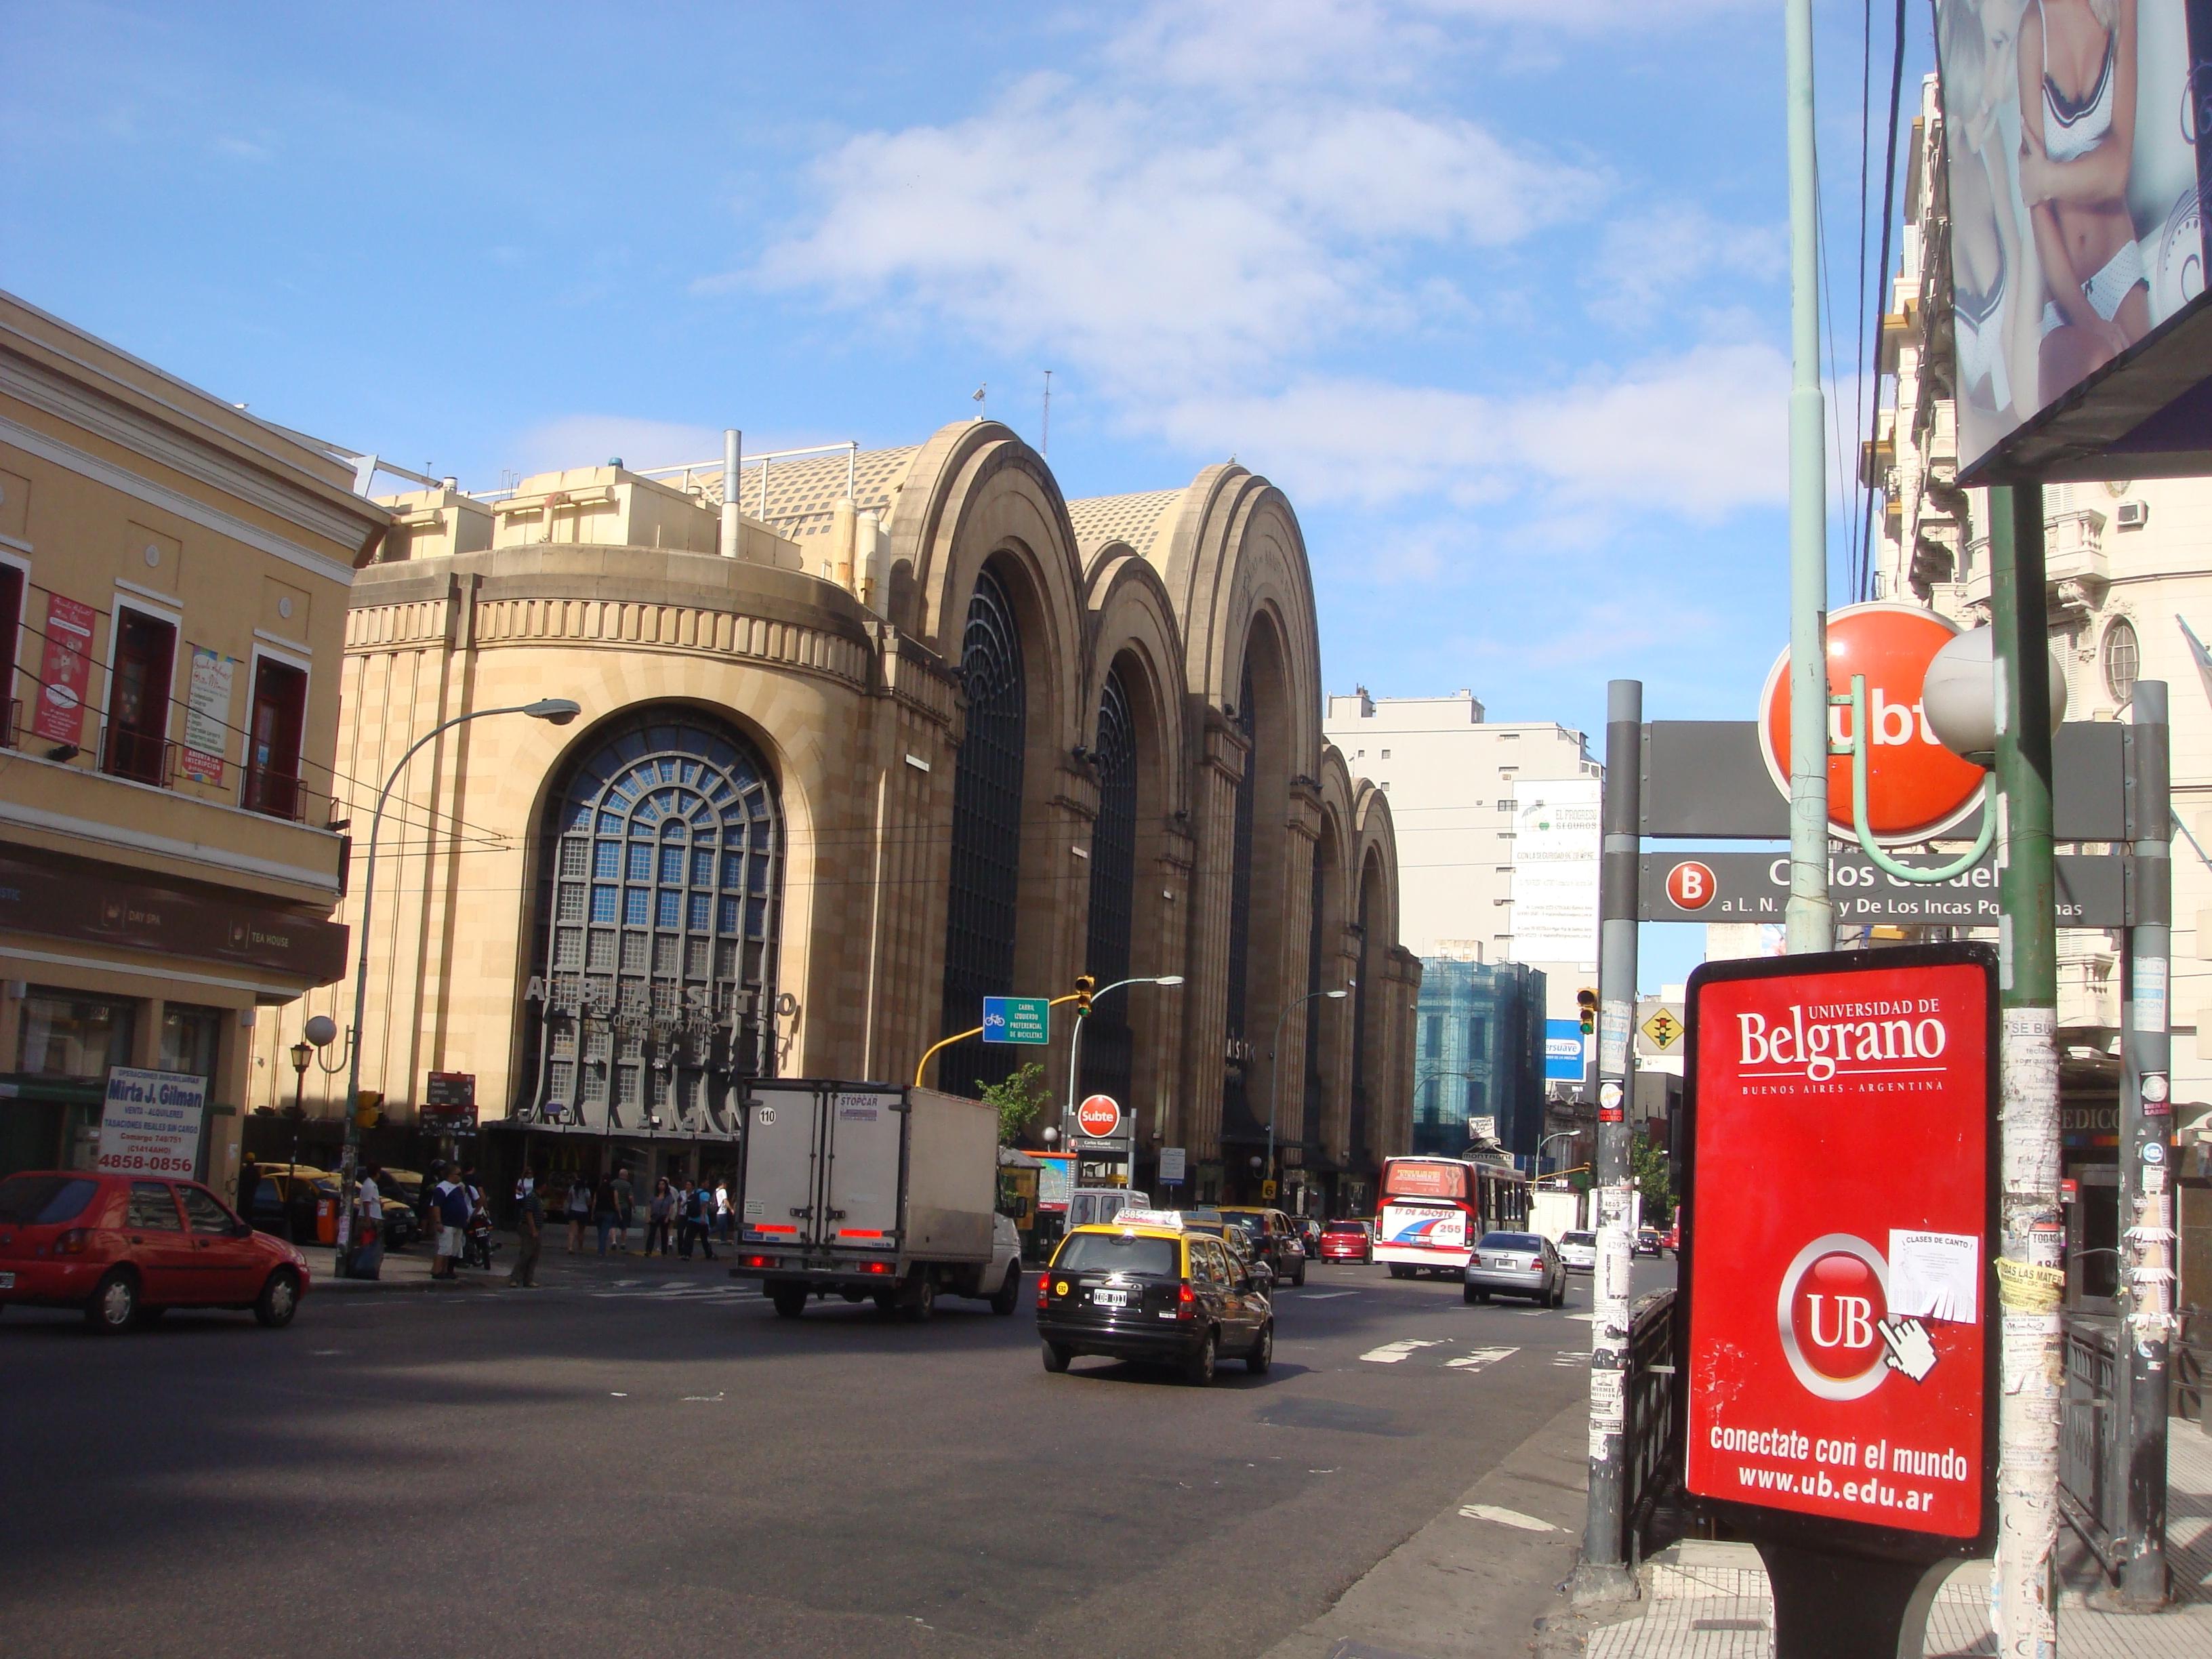 Буэнос-Айрес,шопинг-центр Абасто.22.02.2011